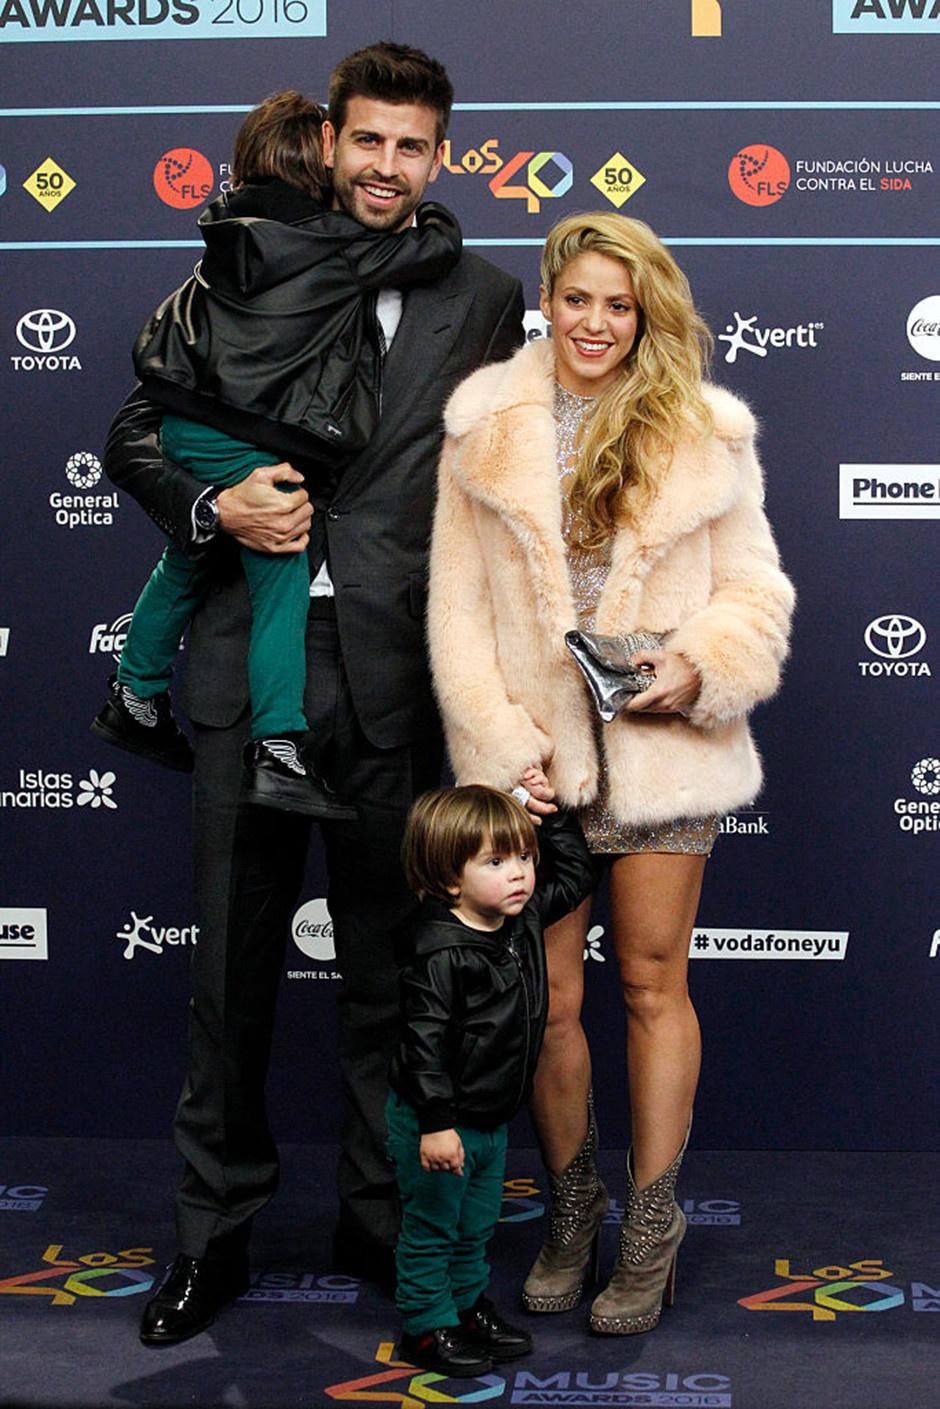 СМИ: Шакира и Жерар Пике расстались фото [5]